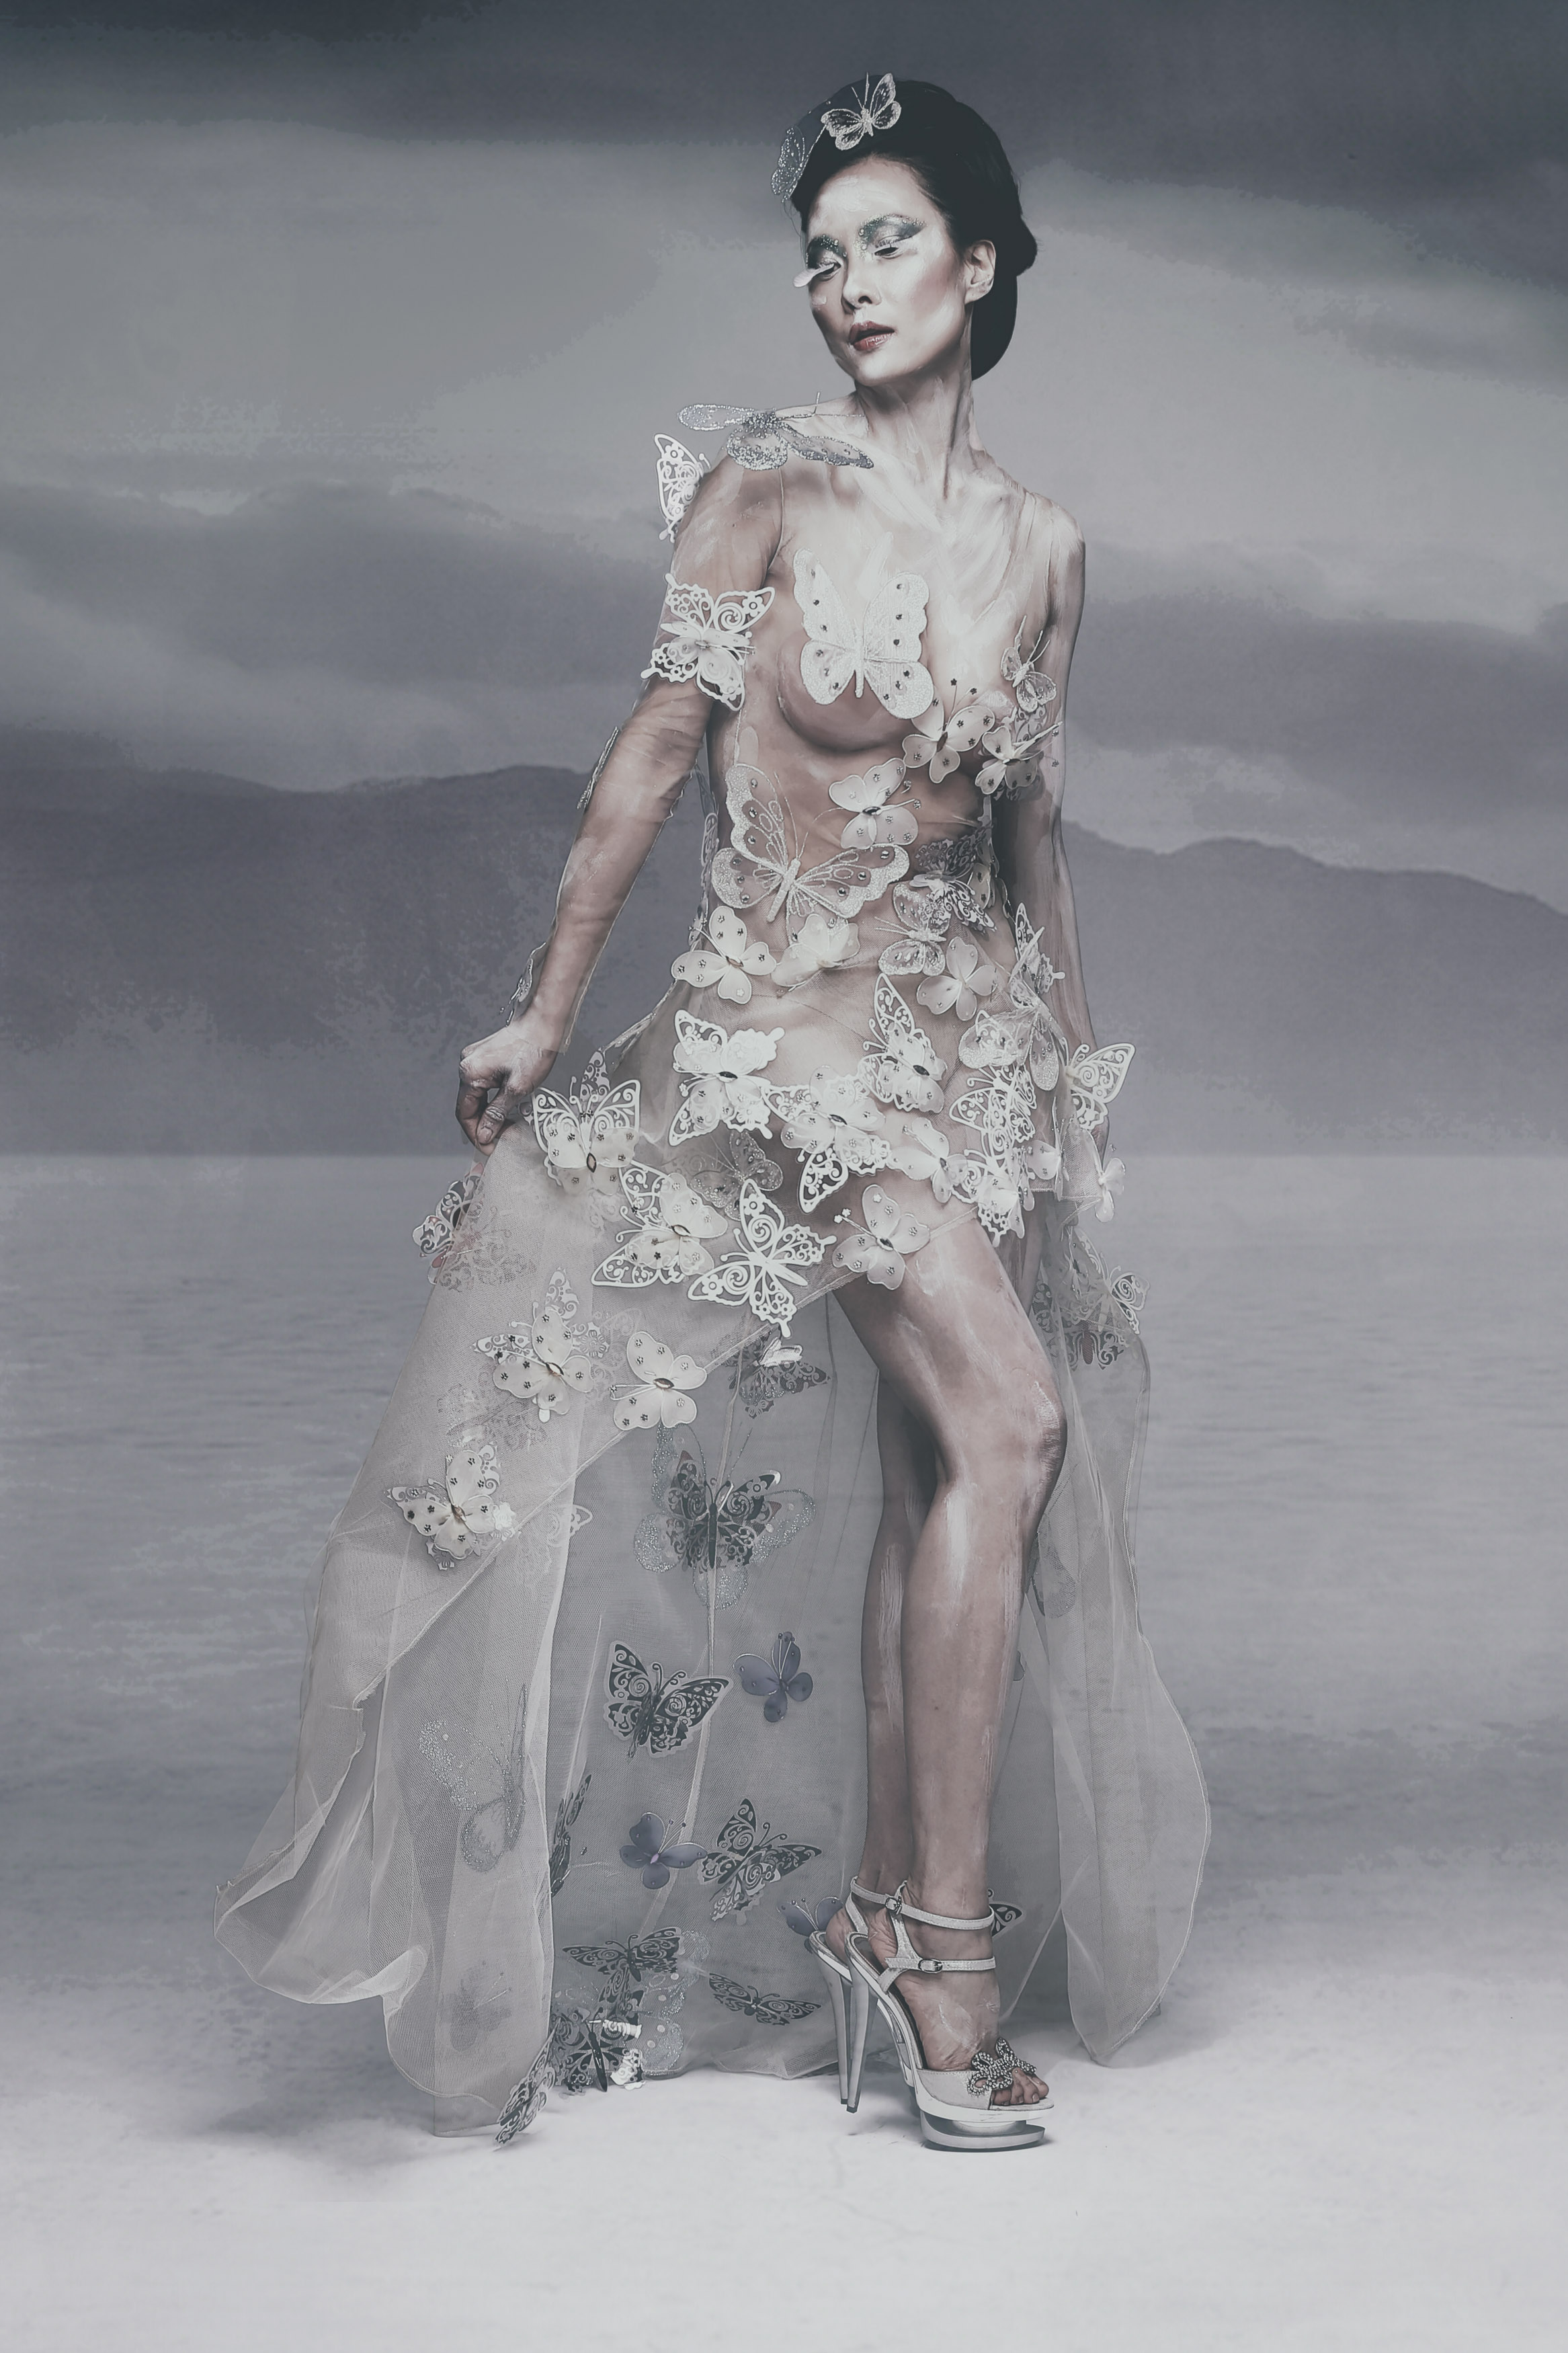 Linea dell'abito con farfalle con gonna a ruota